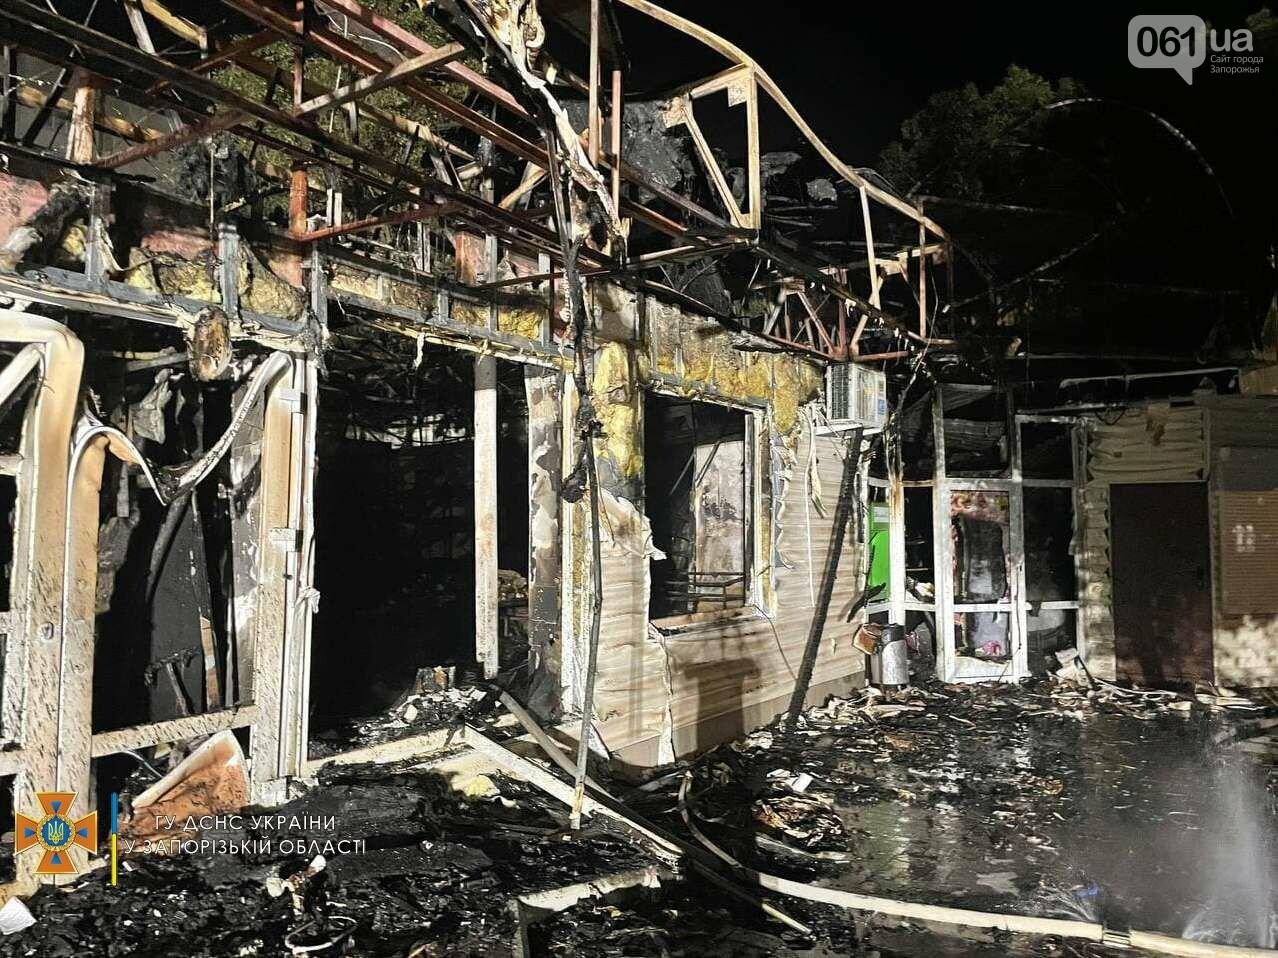 В Бердянске ночью сгорел продуктовый магазин: на месте работал 21 спасатель, фото-2